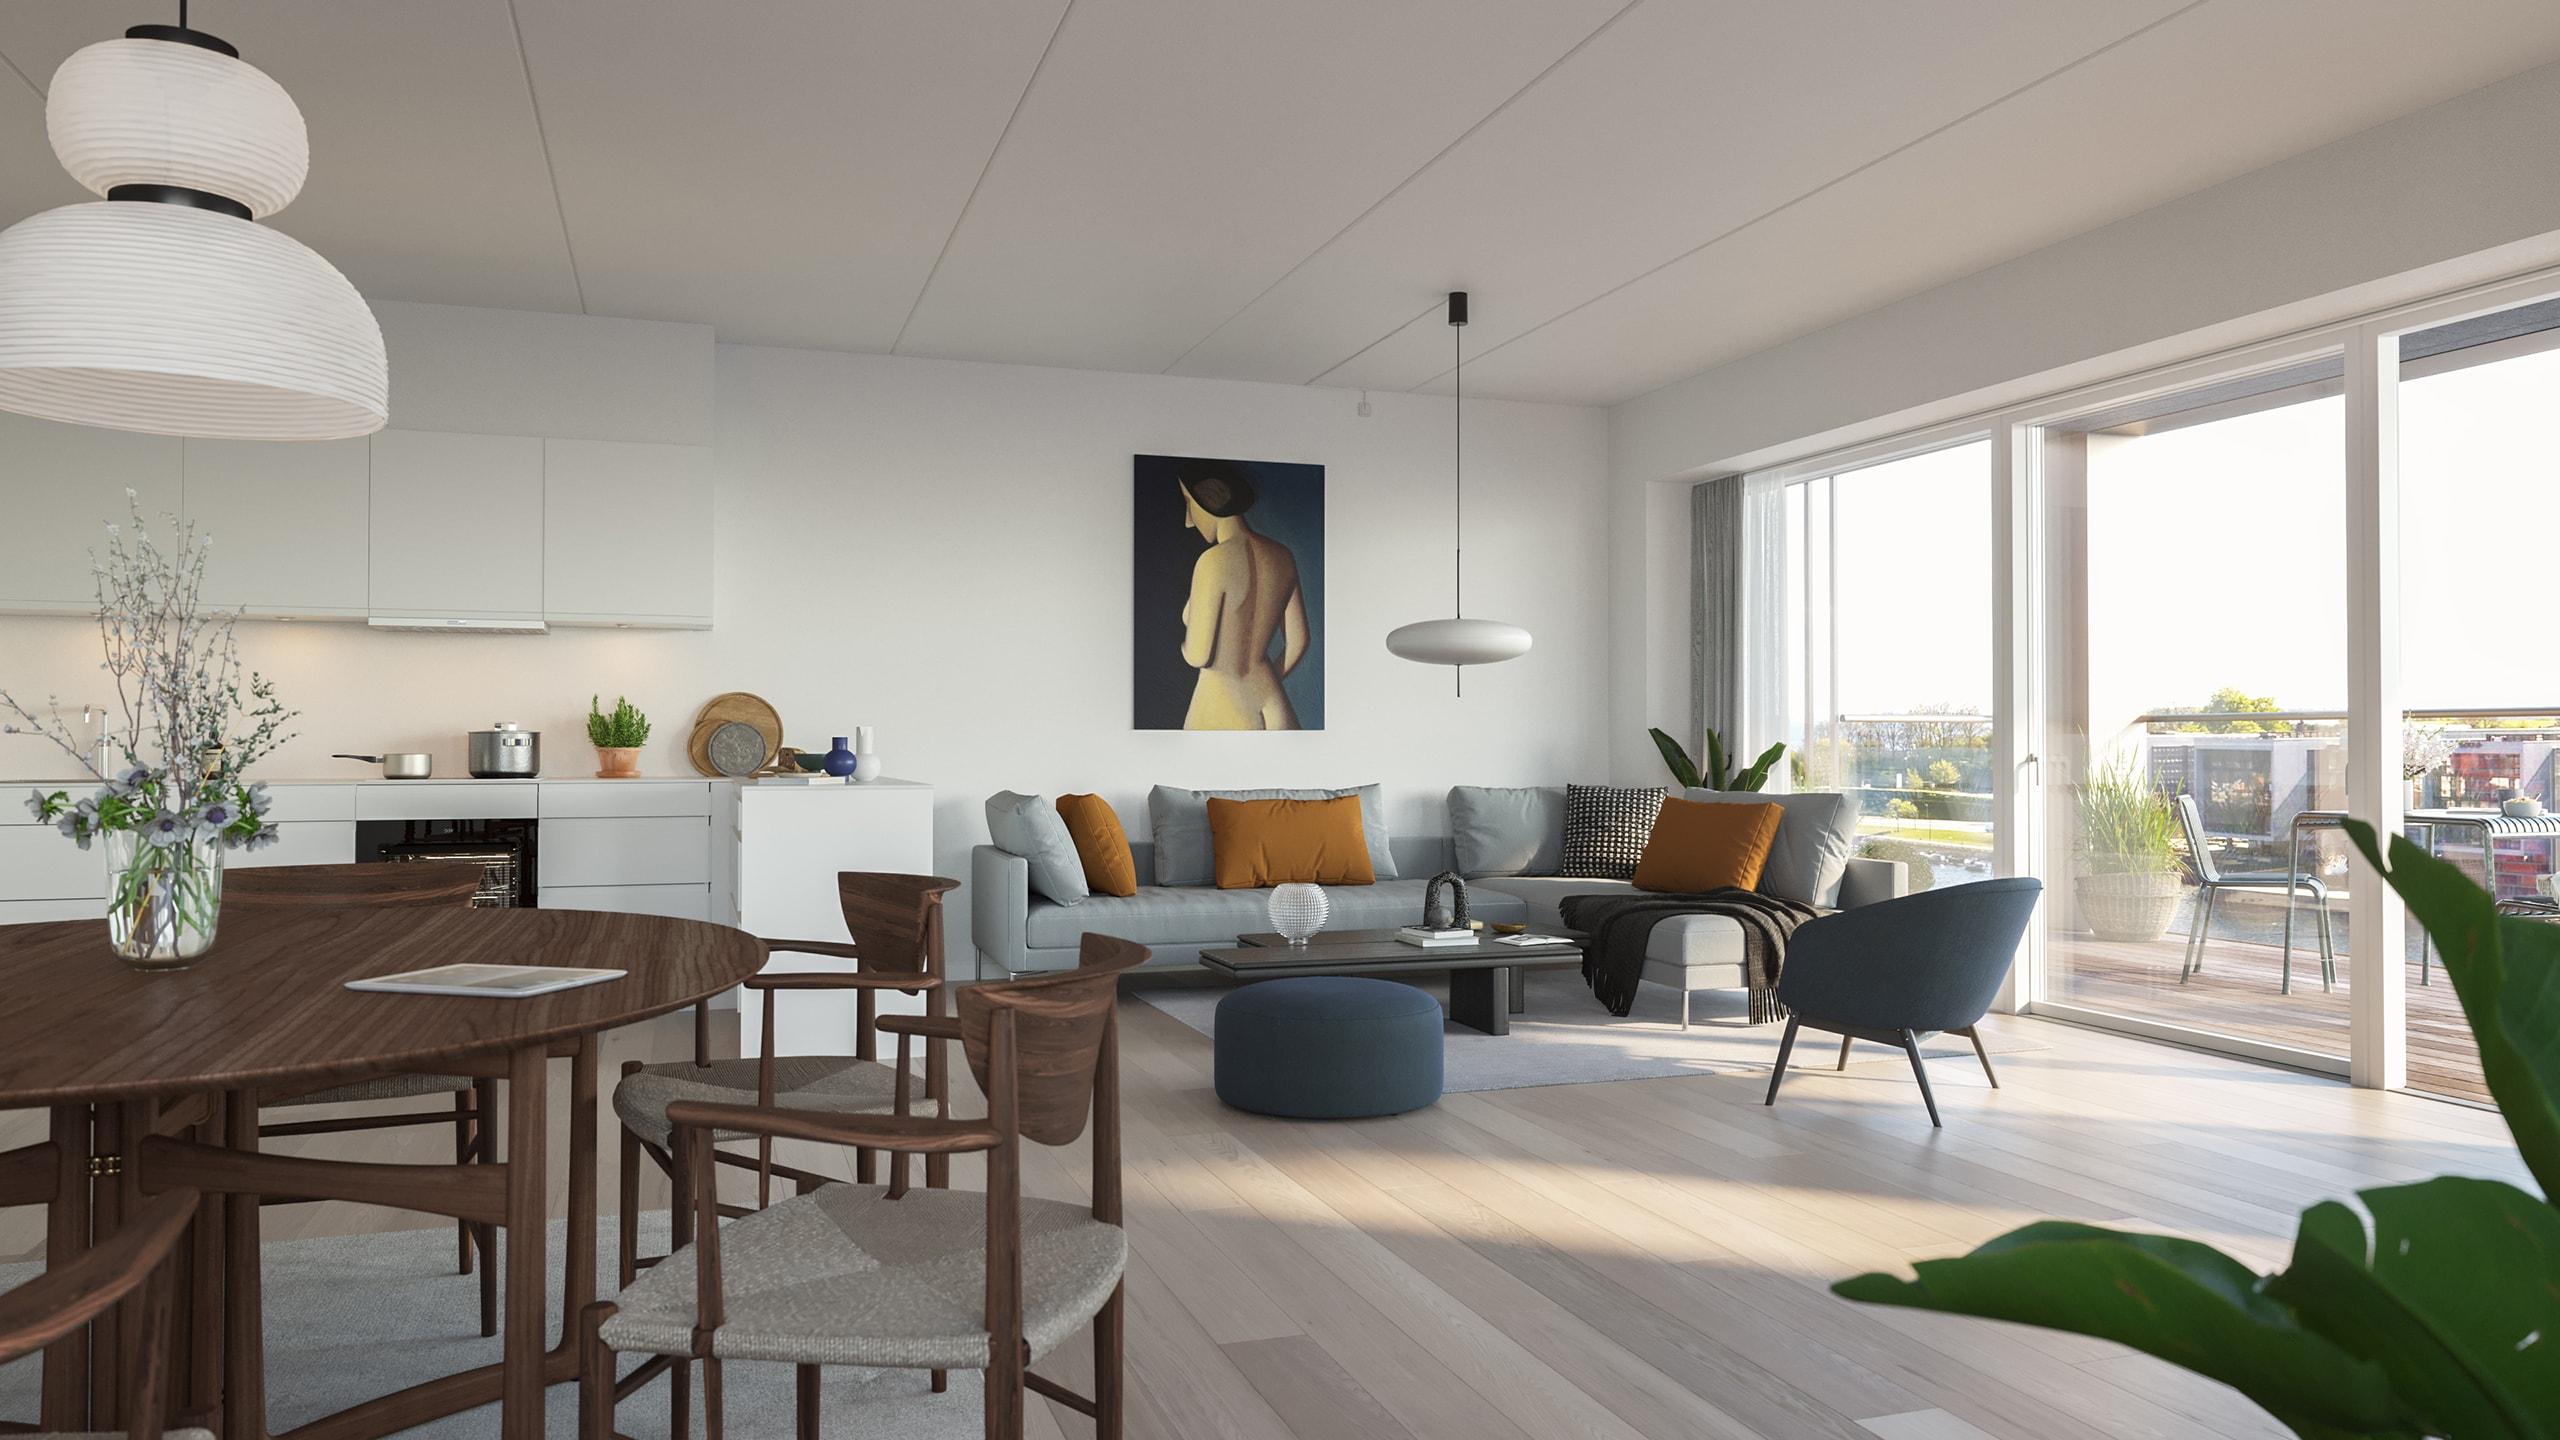 Kongebro-Huset - Lejlighed 23 - Type A, 4. sal - Stue og Køkken